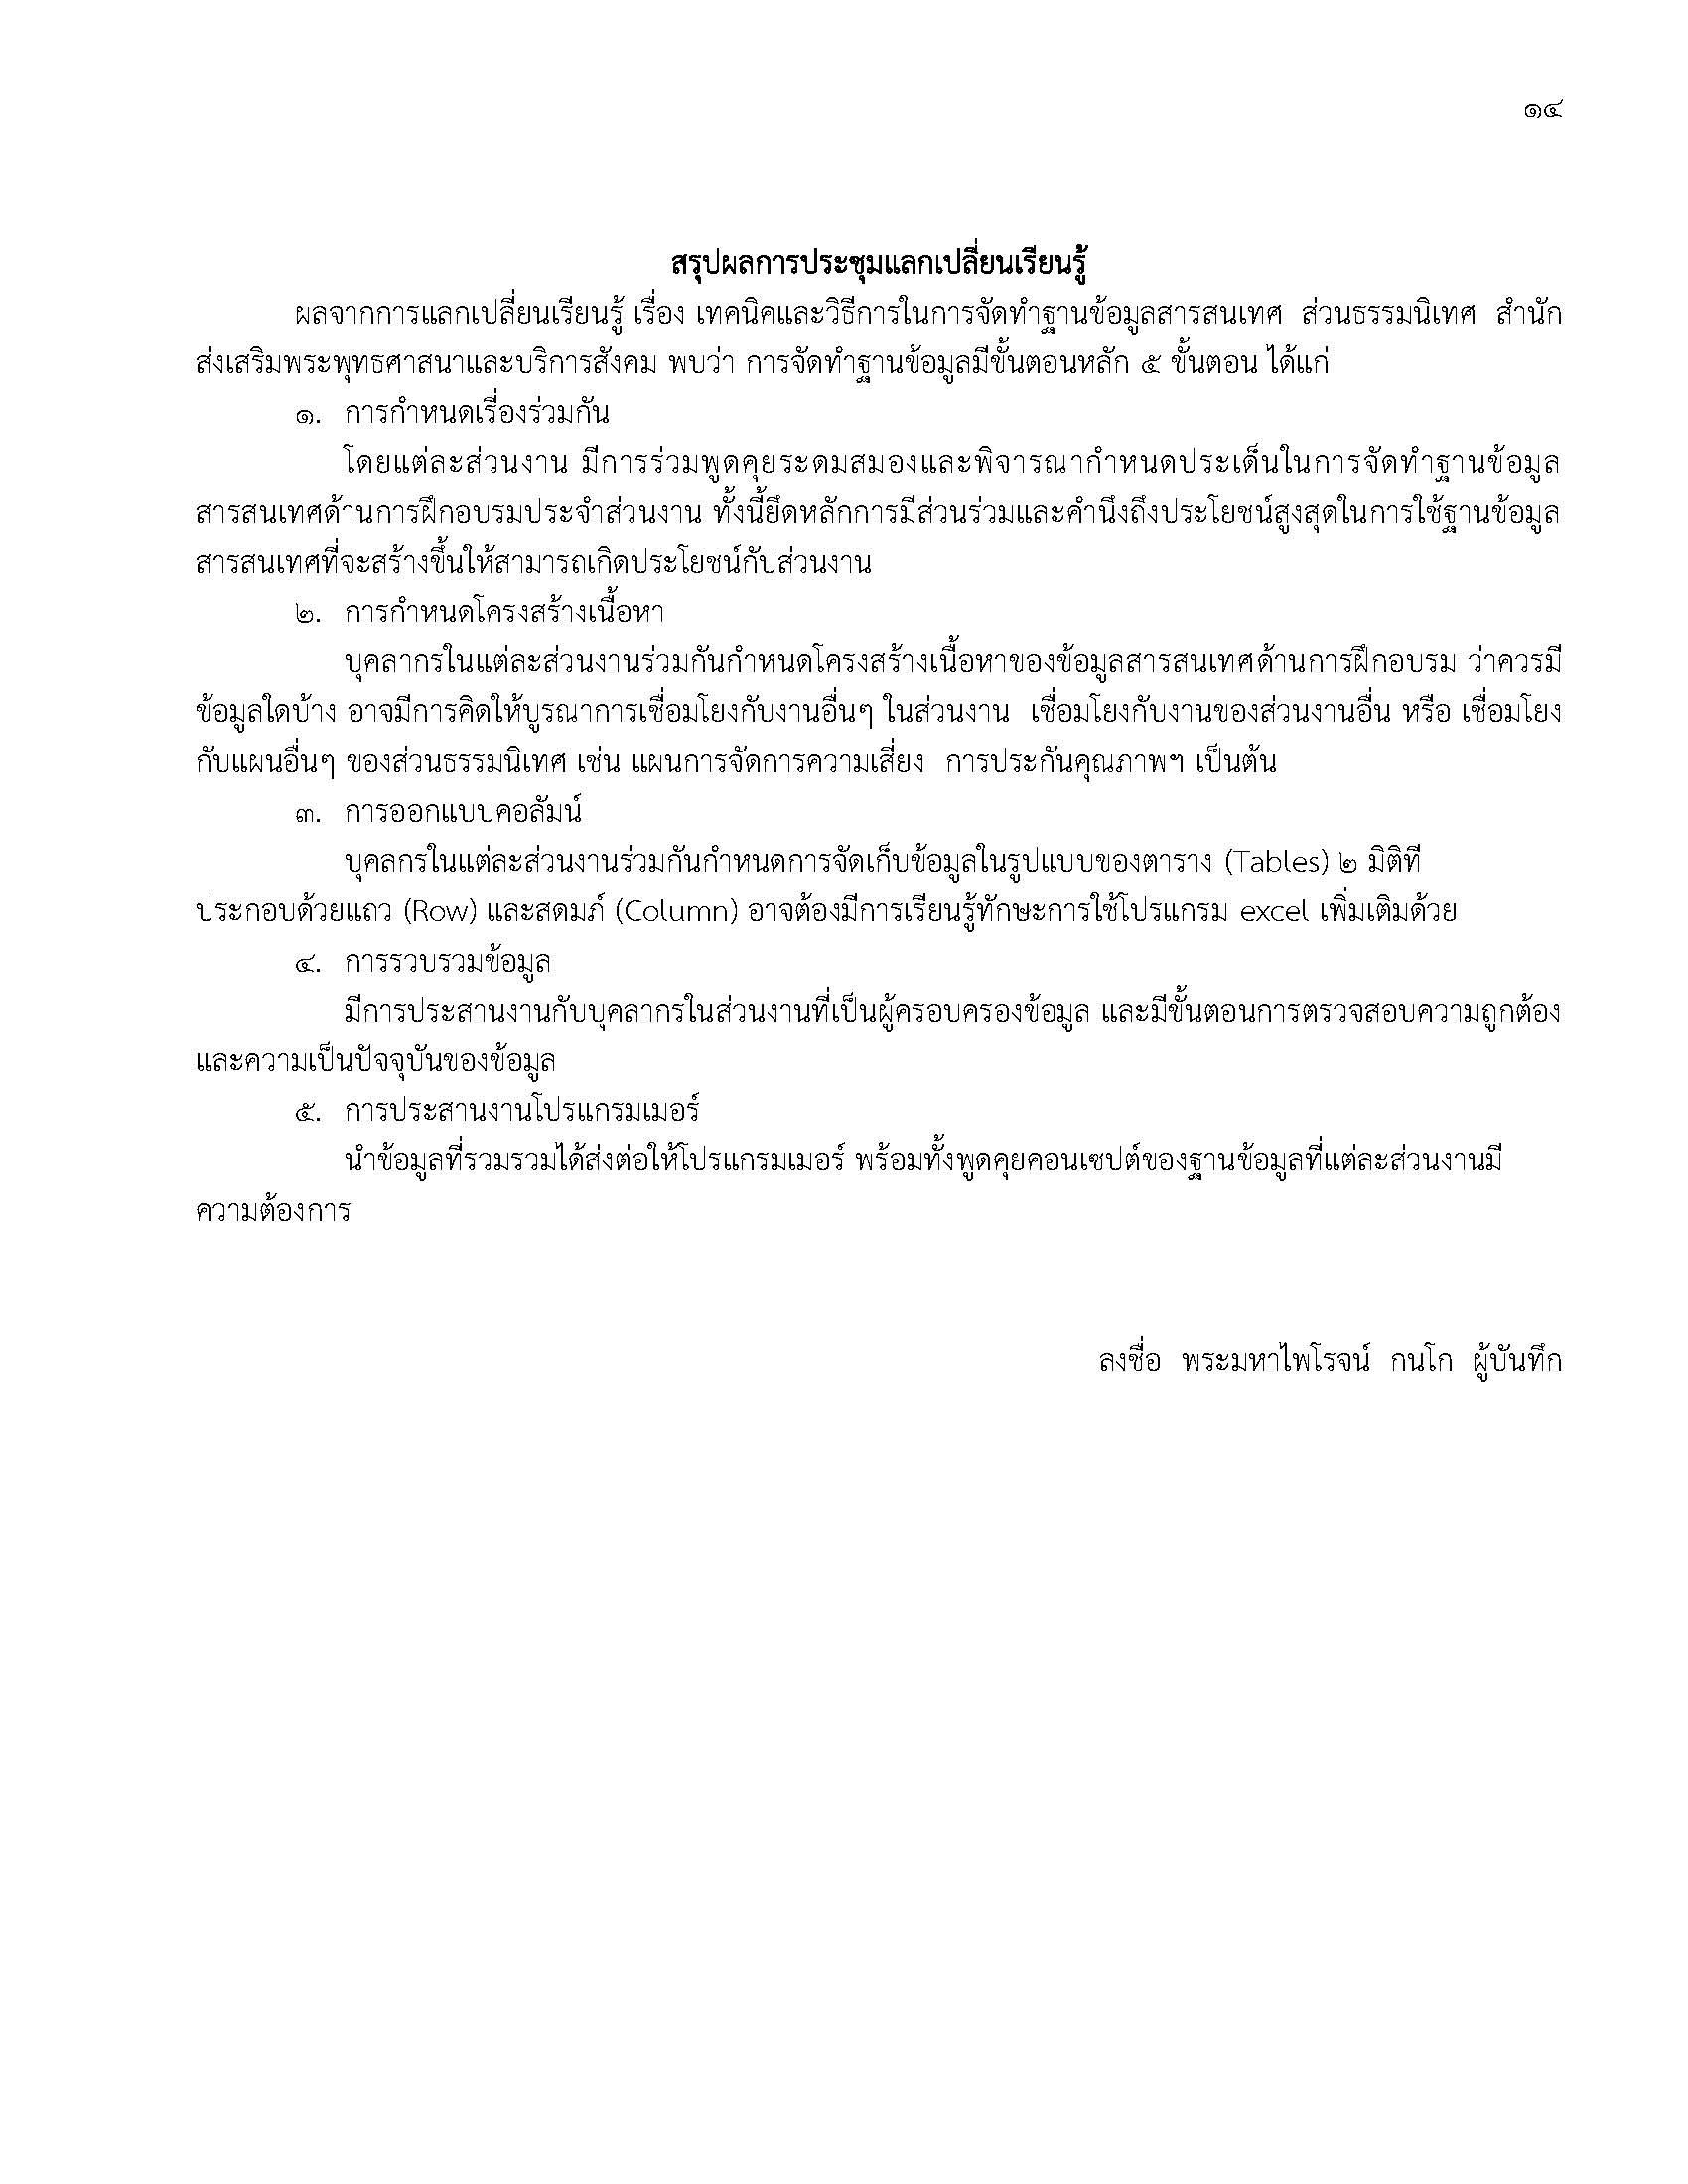 แผนการจัดการความรู้ 2561_Page_14